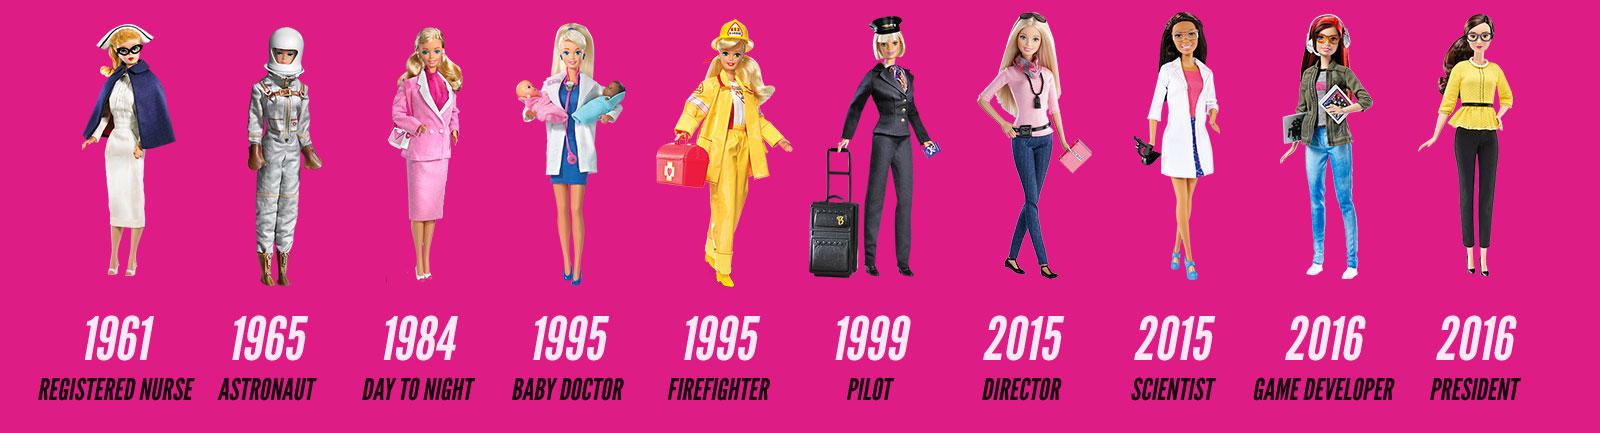 Barbie a través del tiempo   Fortune